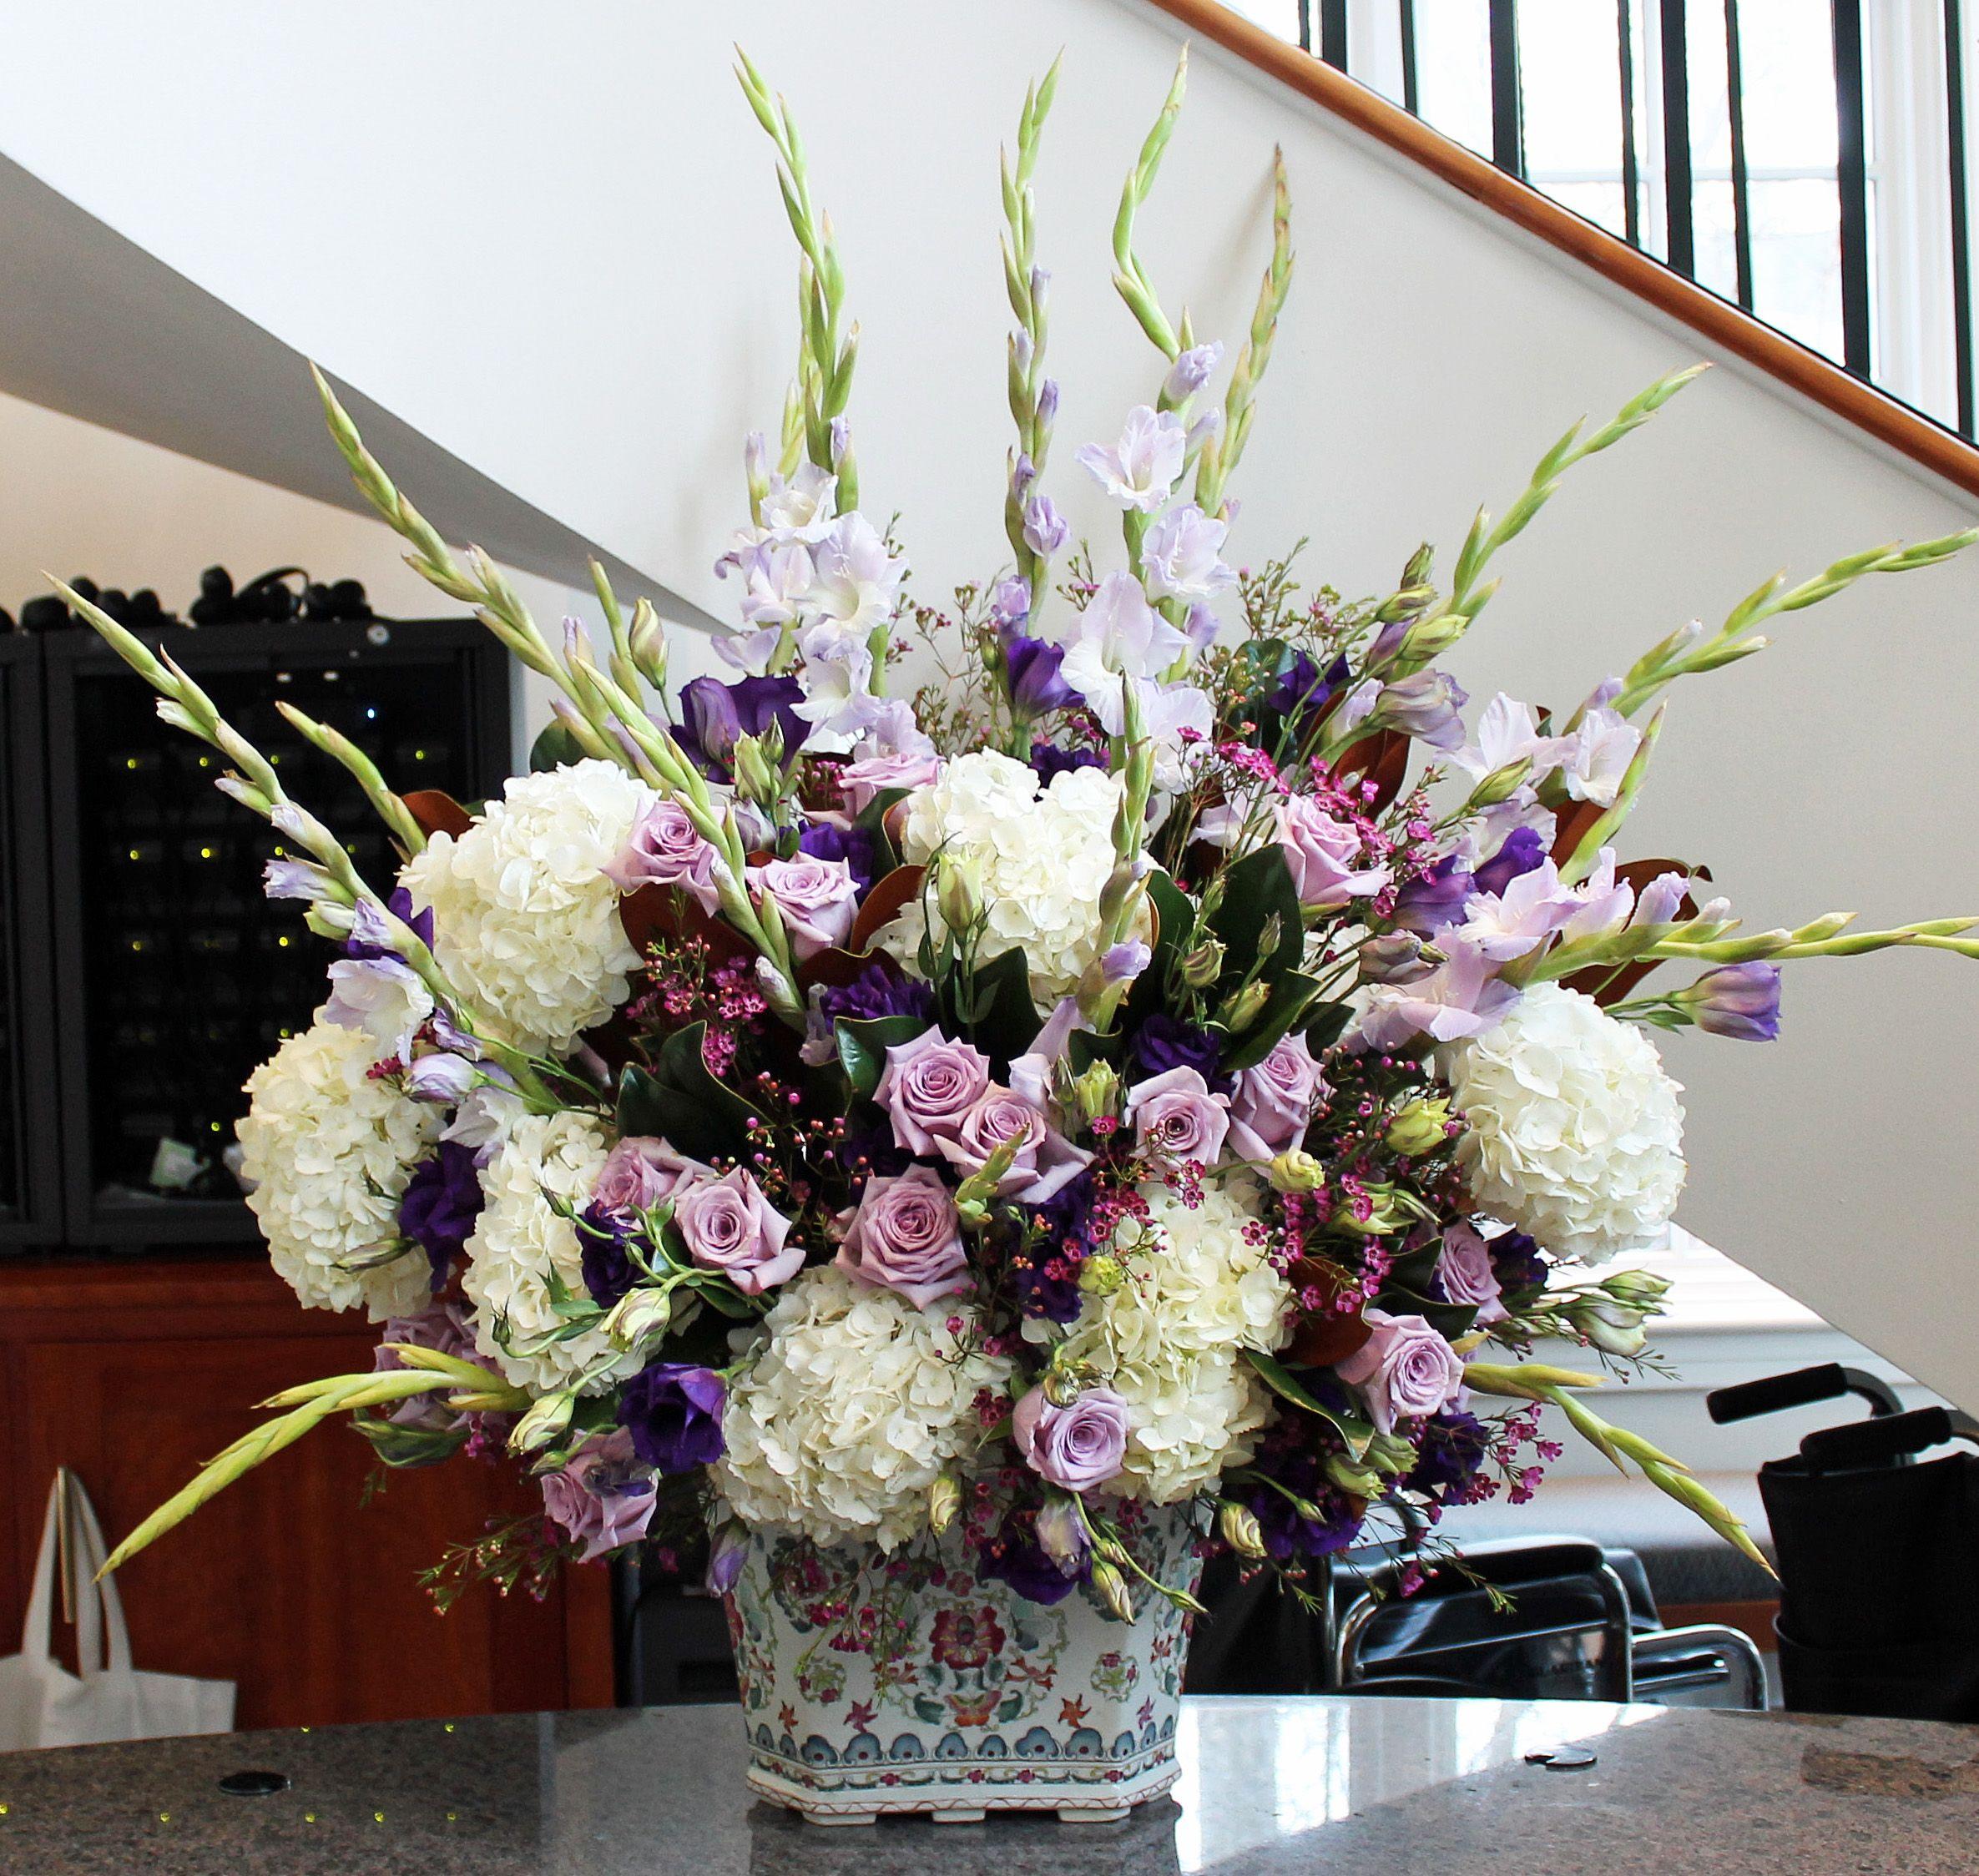 Church Altar Arrangements Wedding Flowers Gladiolas: Arrangement From December 31, 2013: Hydrangea, Lavender